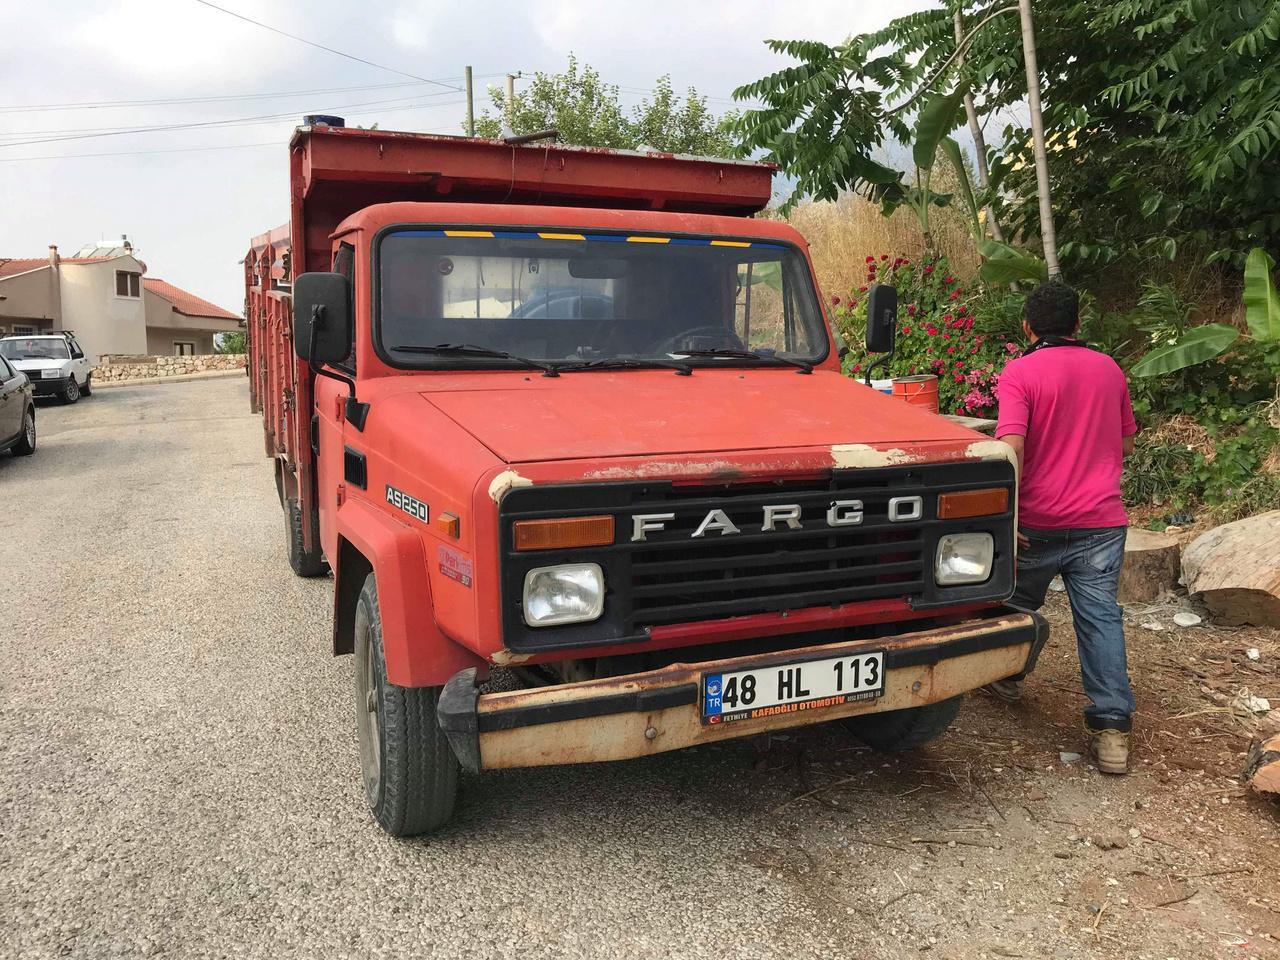 ...és ezzel közlekednek 4. Askam Chrysler Fargo AS 250 teherautó. Ha valaki még tudja követni, ez egy Chrysler, ami valójában Fargo, de a török Askam gyártotta, mielőtt 2015-ben a gyár végleg bezárt